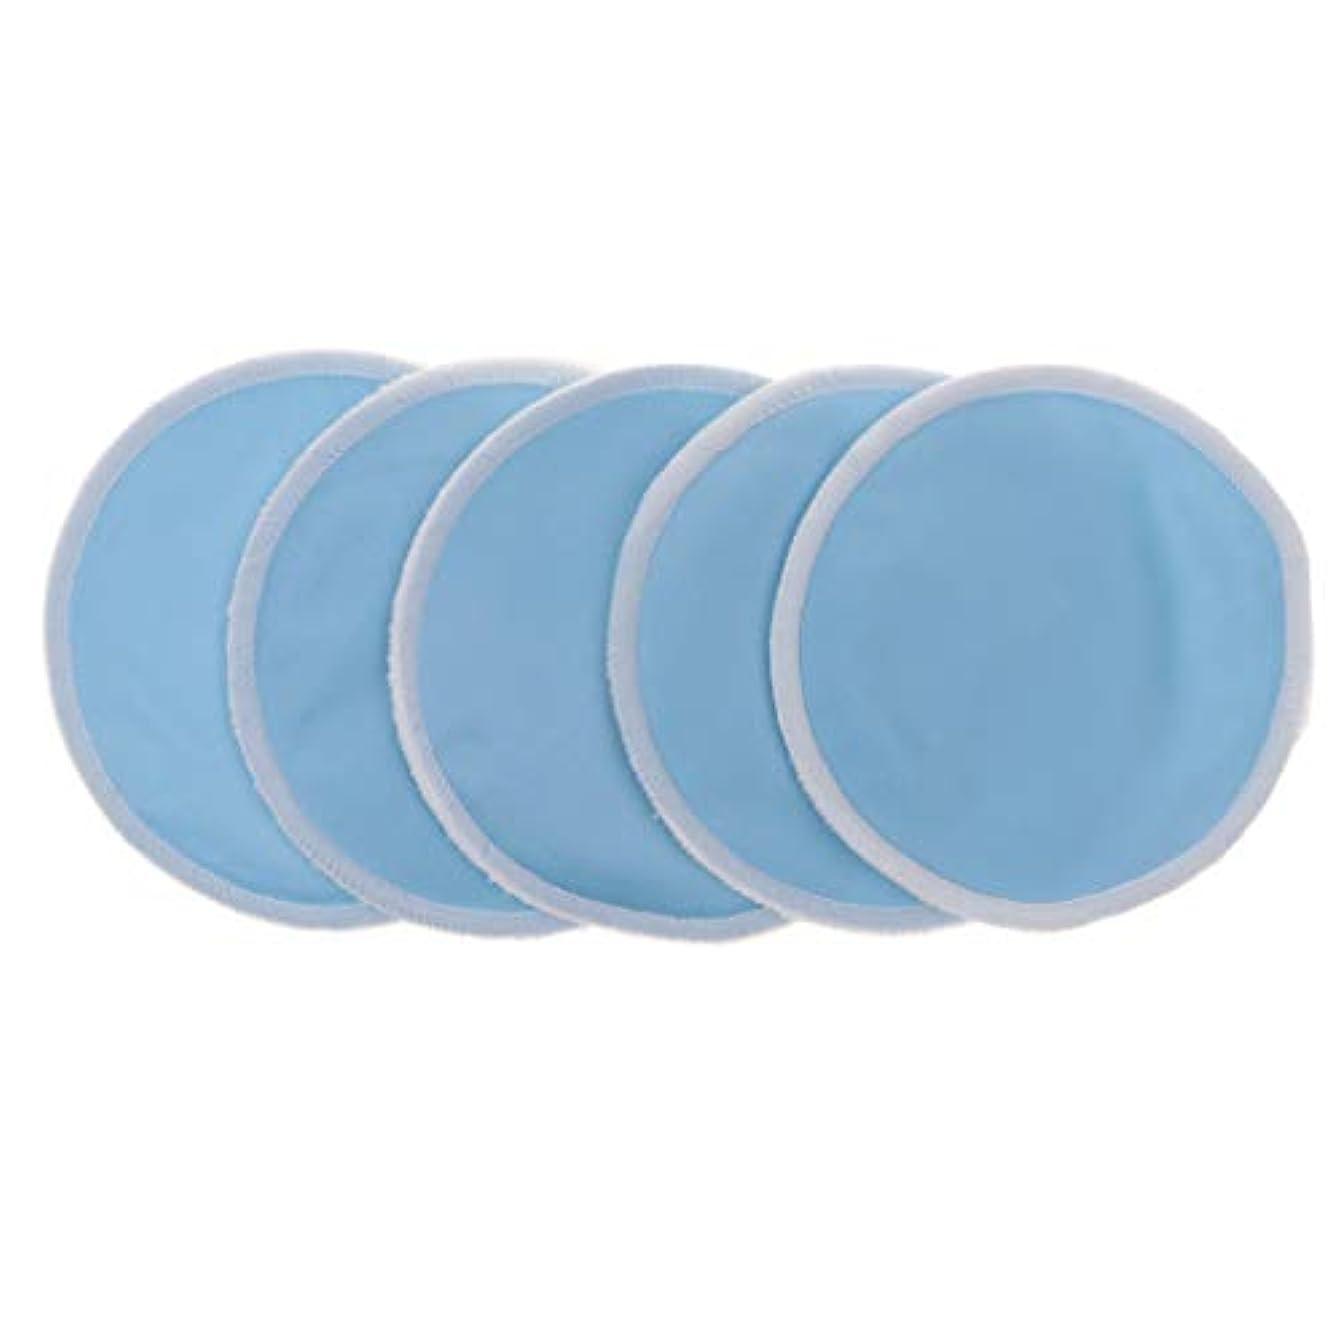 放射する知的海洋の全5色 胸パッド クレンジングシート メイクアップ 竹繊維 12cm 洗える 再使用可 実用的 5個入 - 青